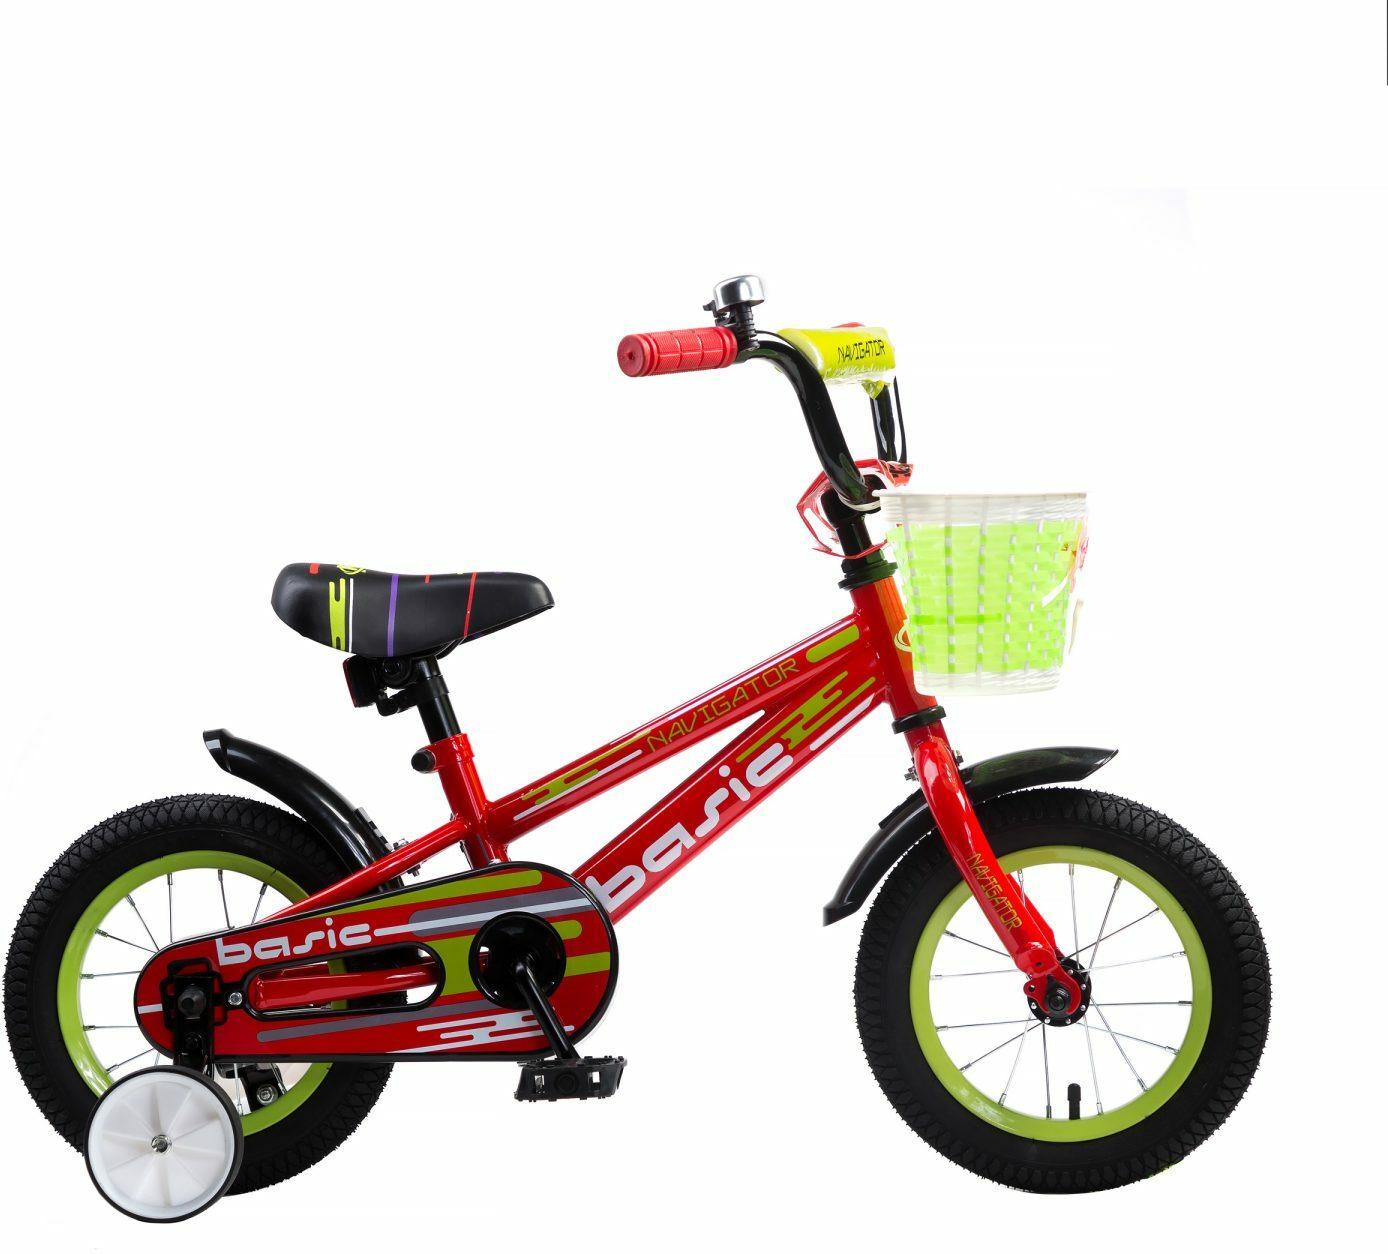 Велосипед детский Navigator Basic, ВН12130, красный, желтый, колесо 12